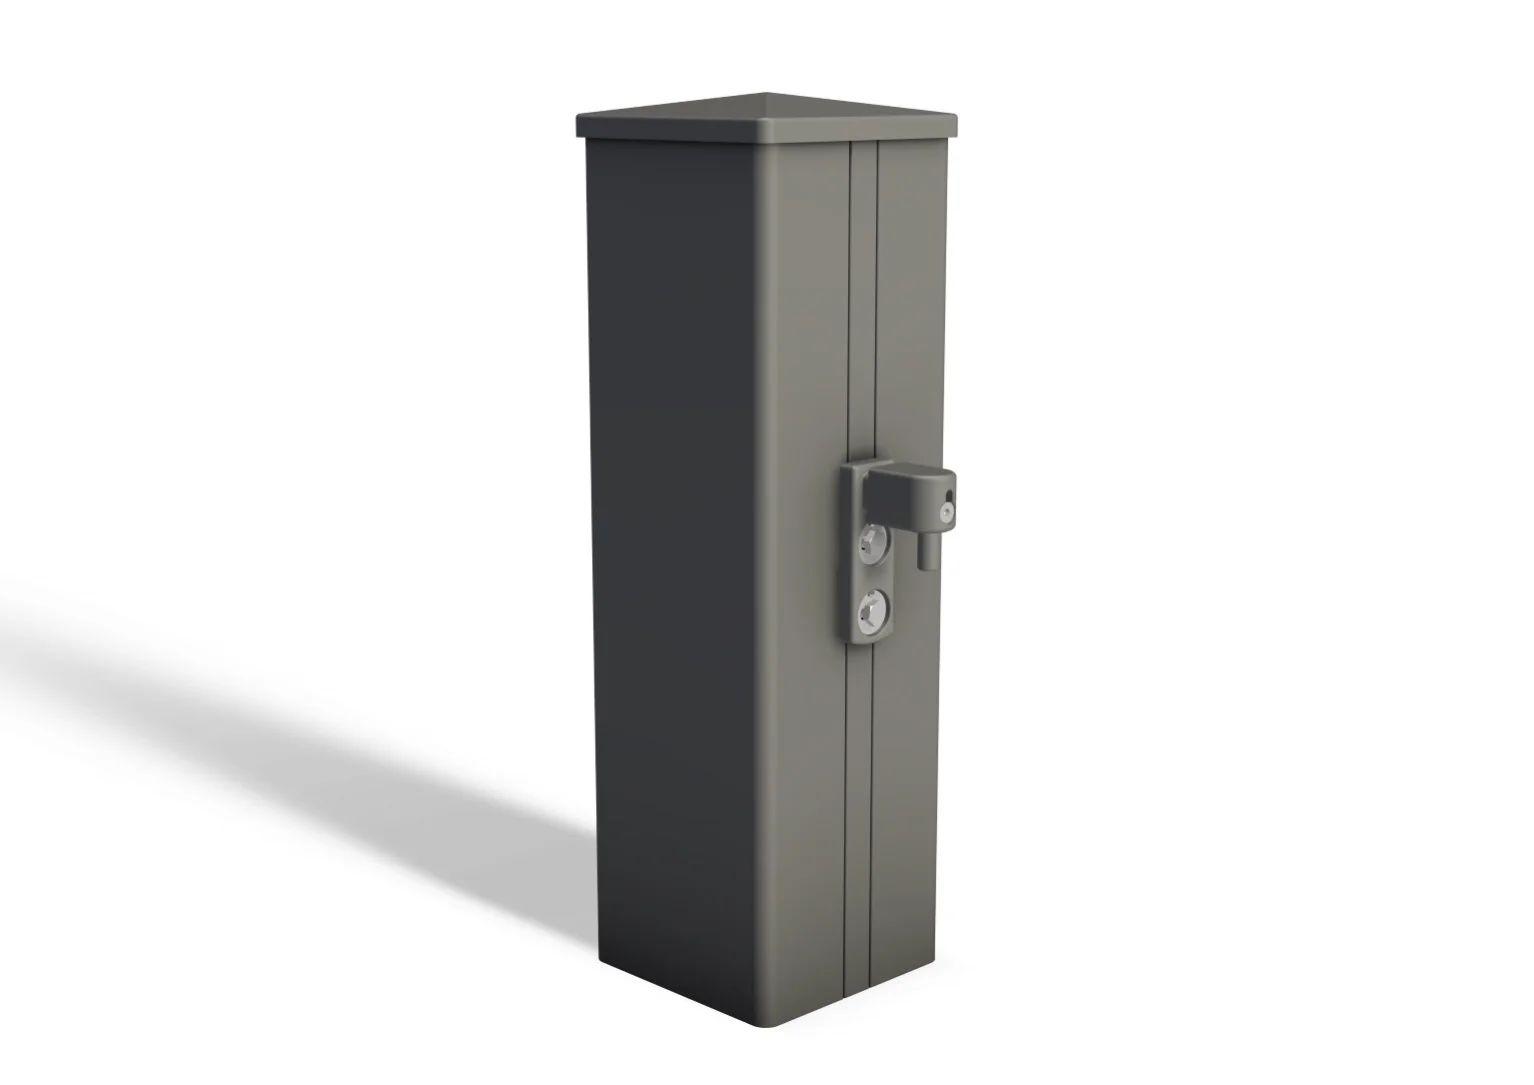 poteau aluminium a sceller easy gris l 150 x p 15 x h 217 cm